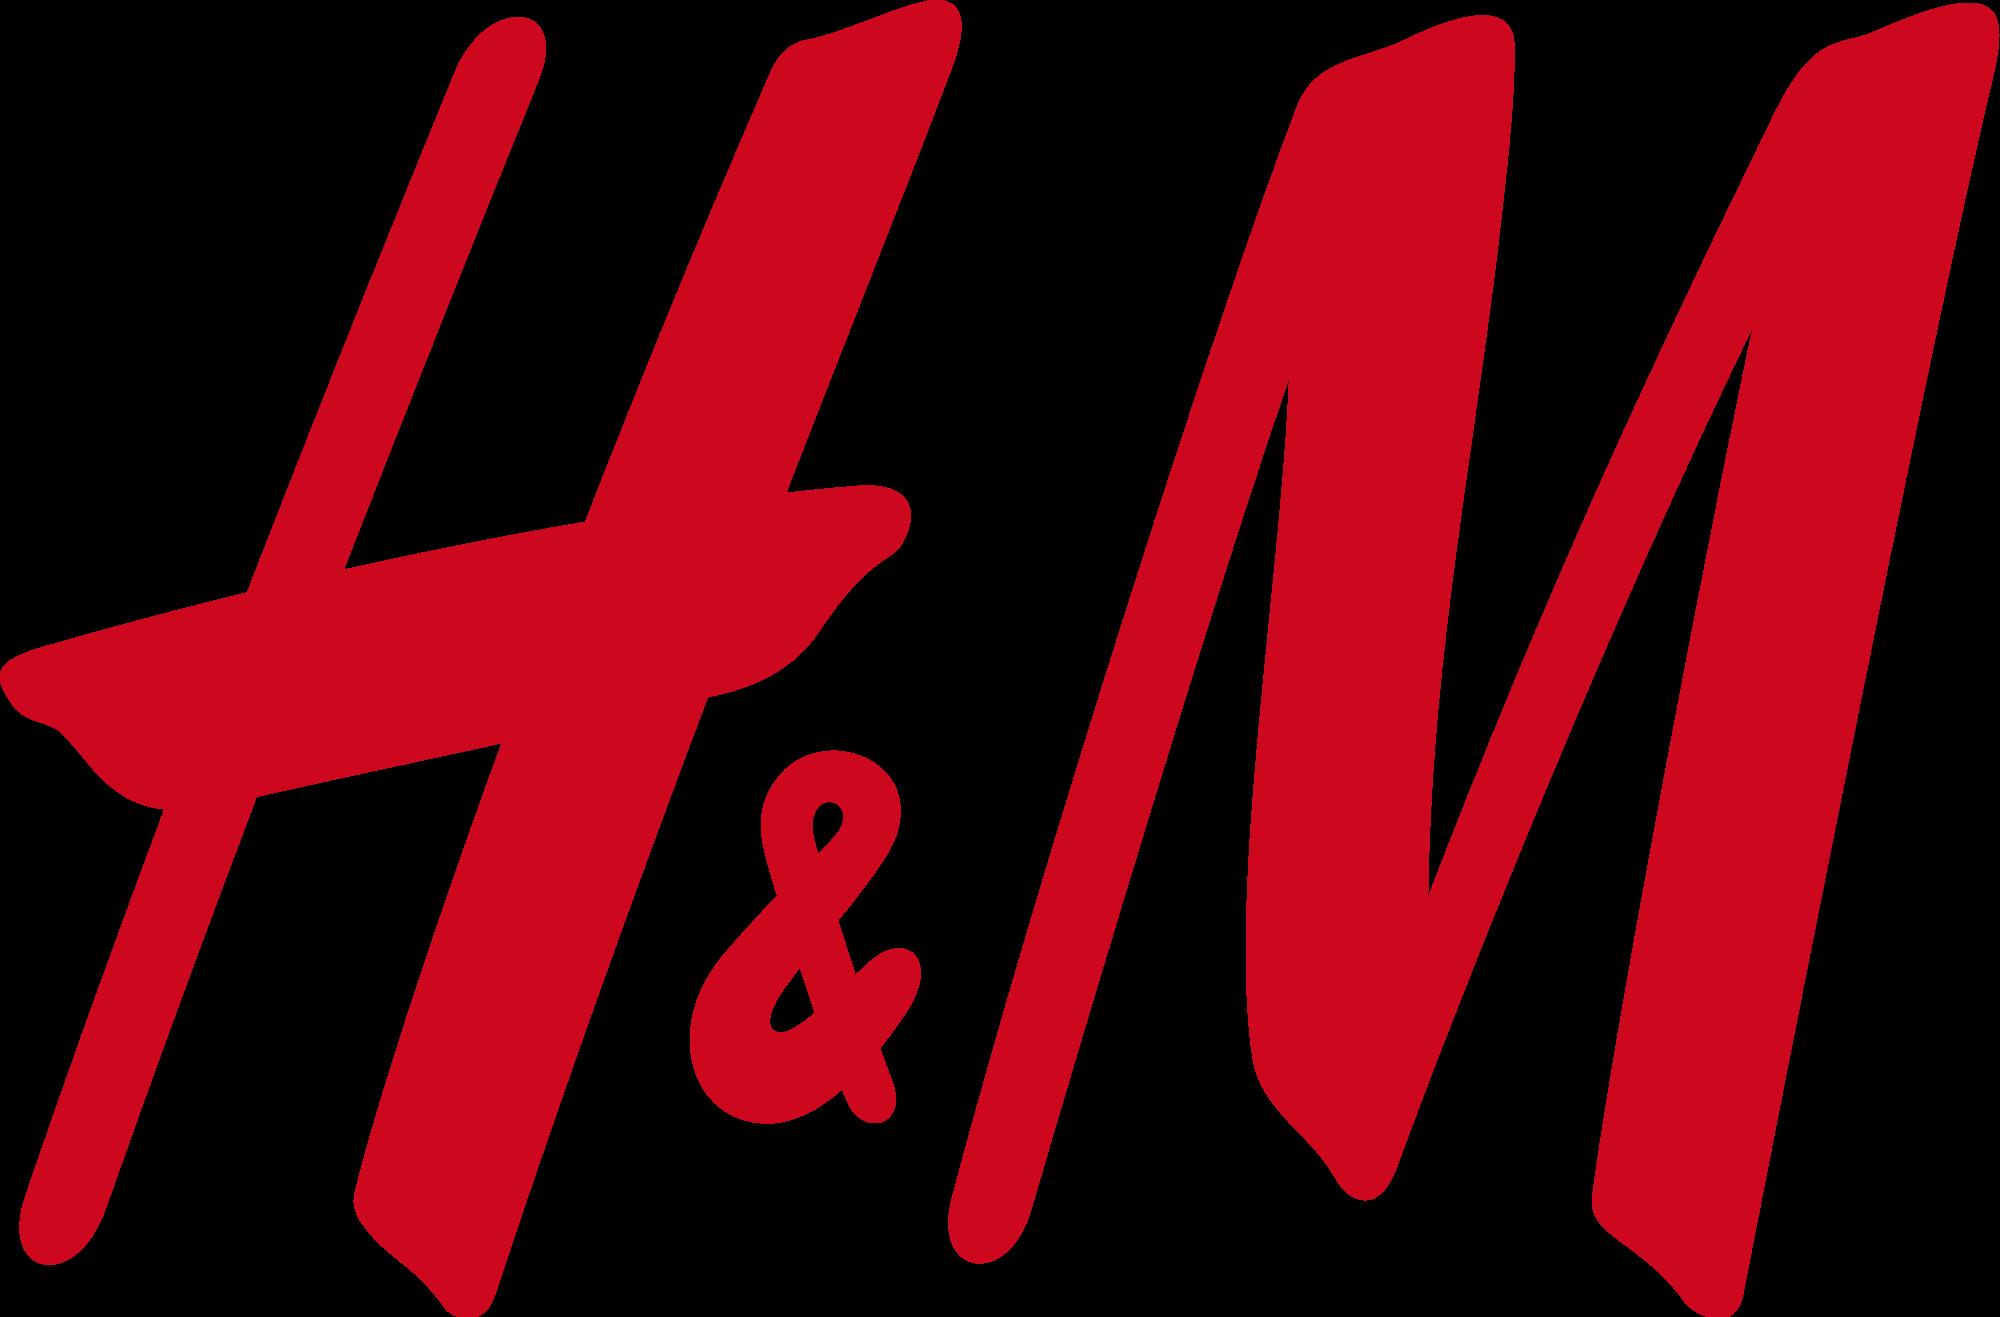 Koop je kleding bij H&M zonder verzendkosten